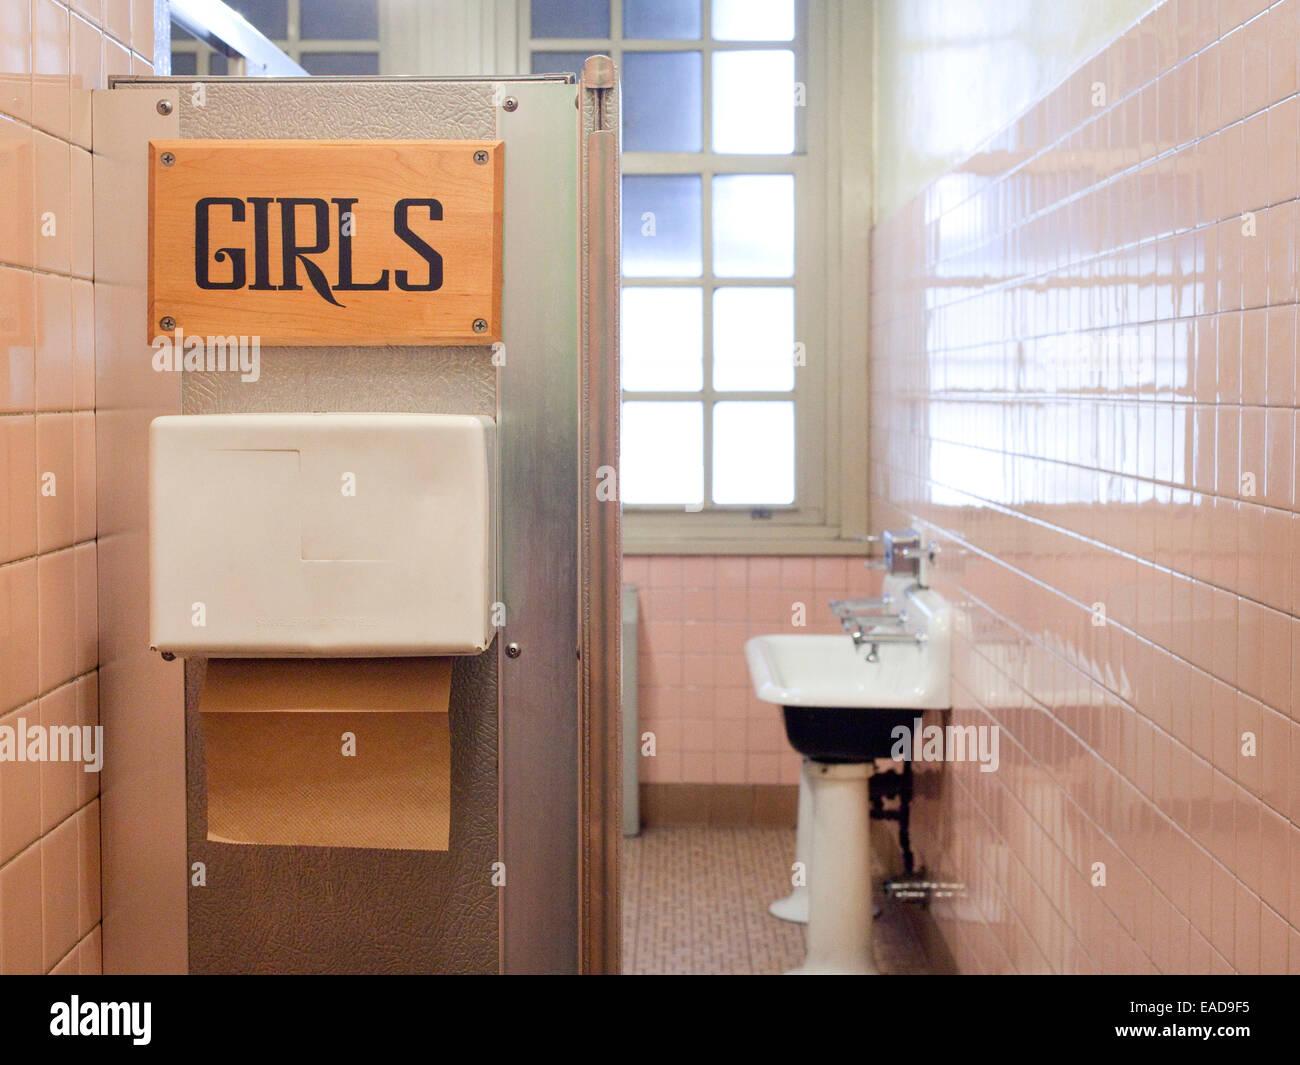 Salle de bains de la fille Rose dans une école Photo Stock